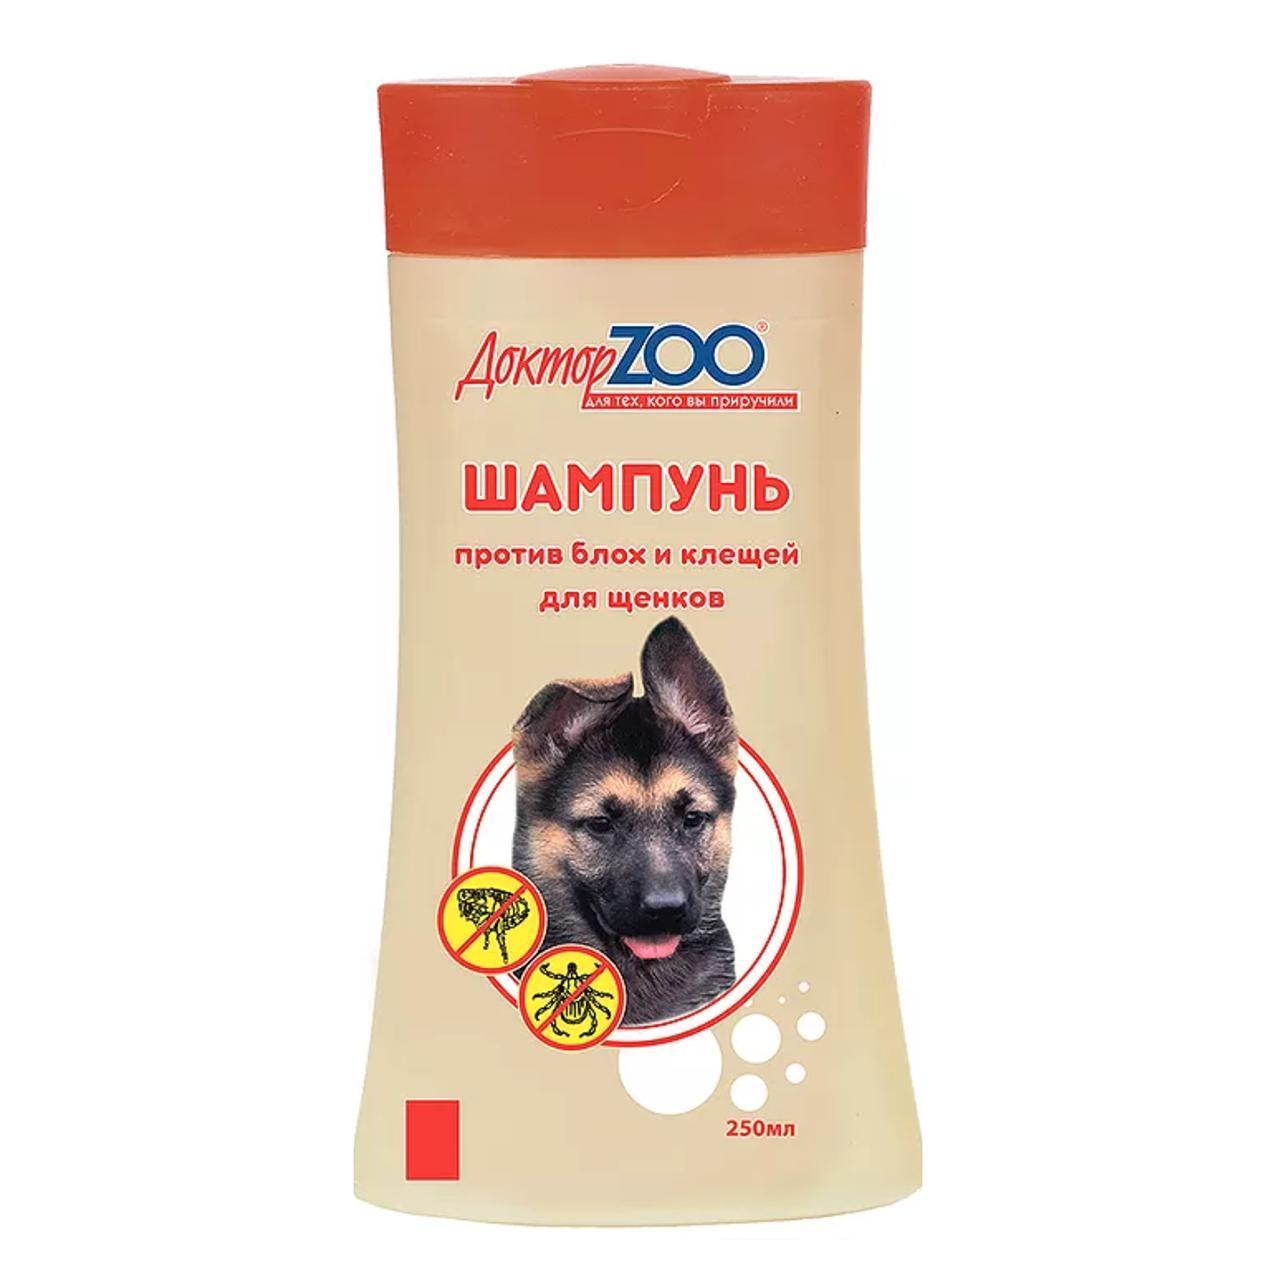 Шампунь Доктор ZOO для щенков против блох и клещей